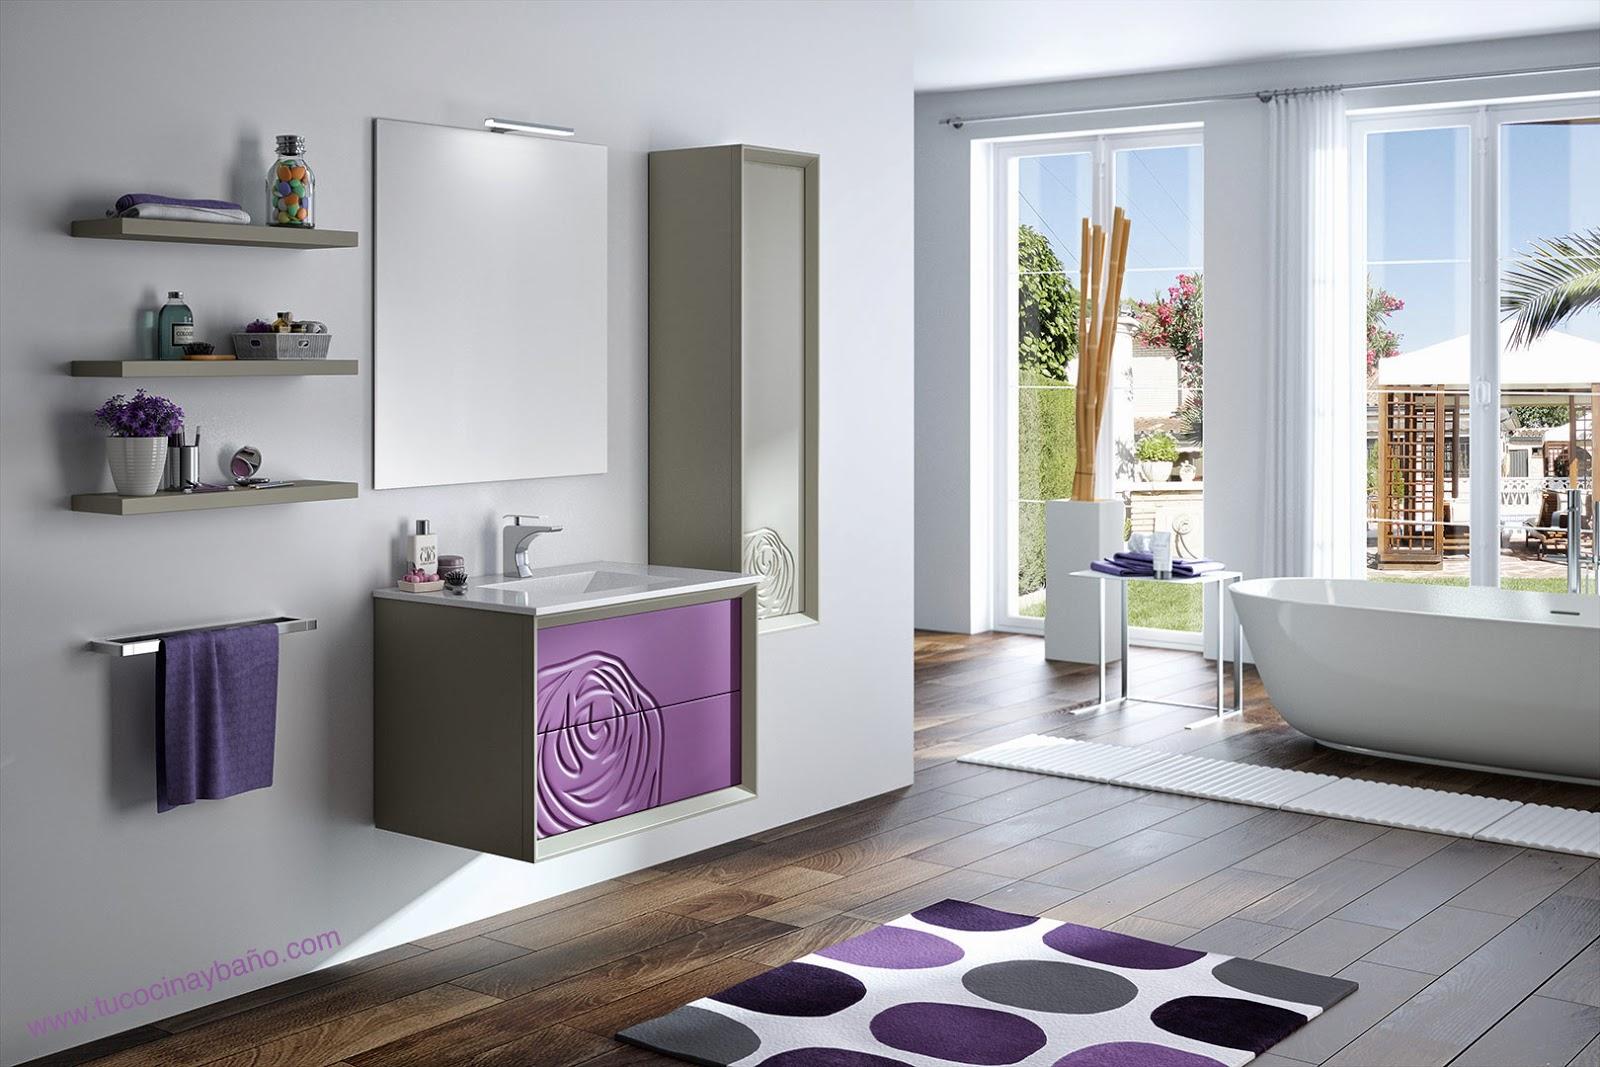 Mueble Baño Original:ROSAL, un mueble baño original y bonito ~ Reformas Guaita